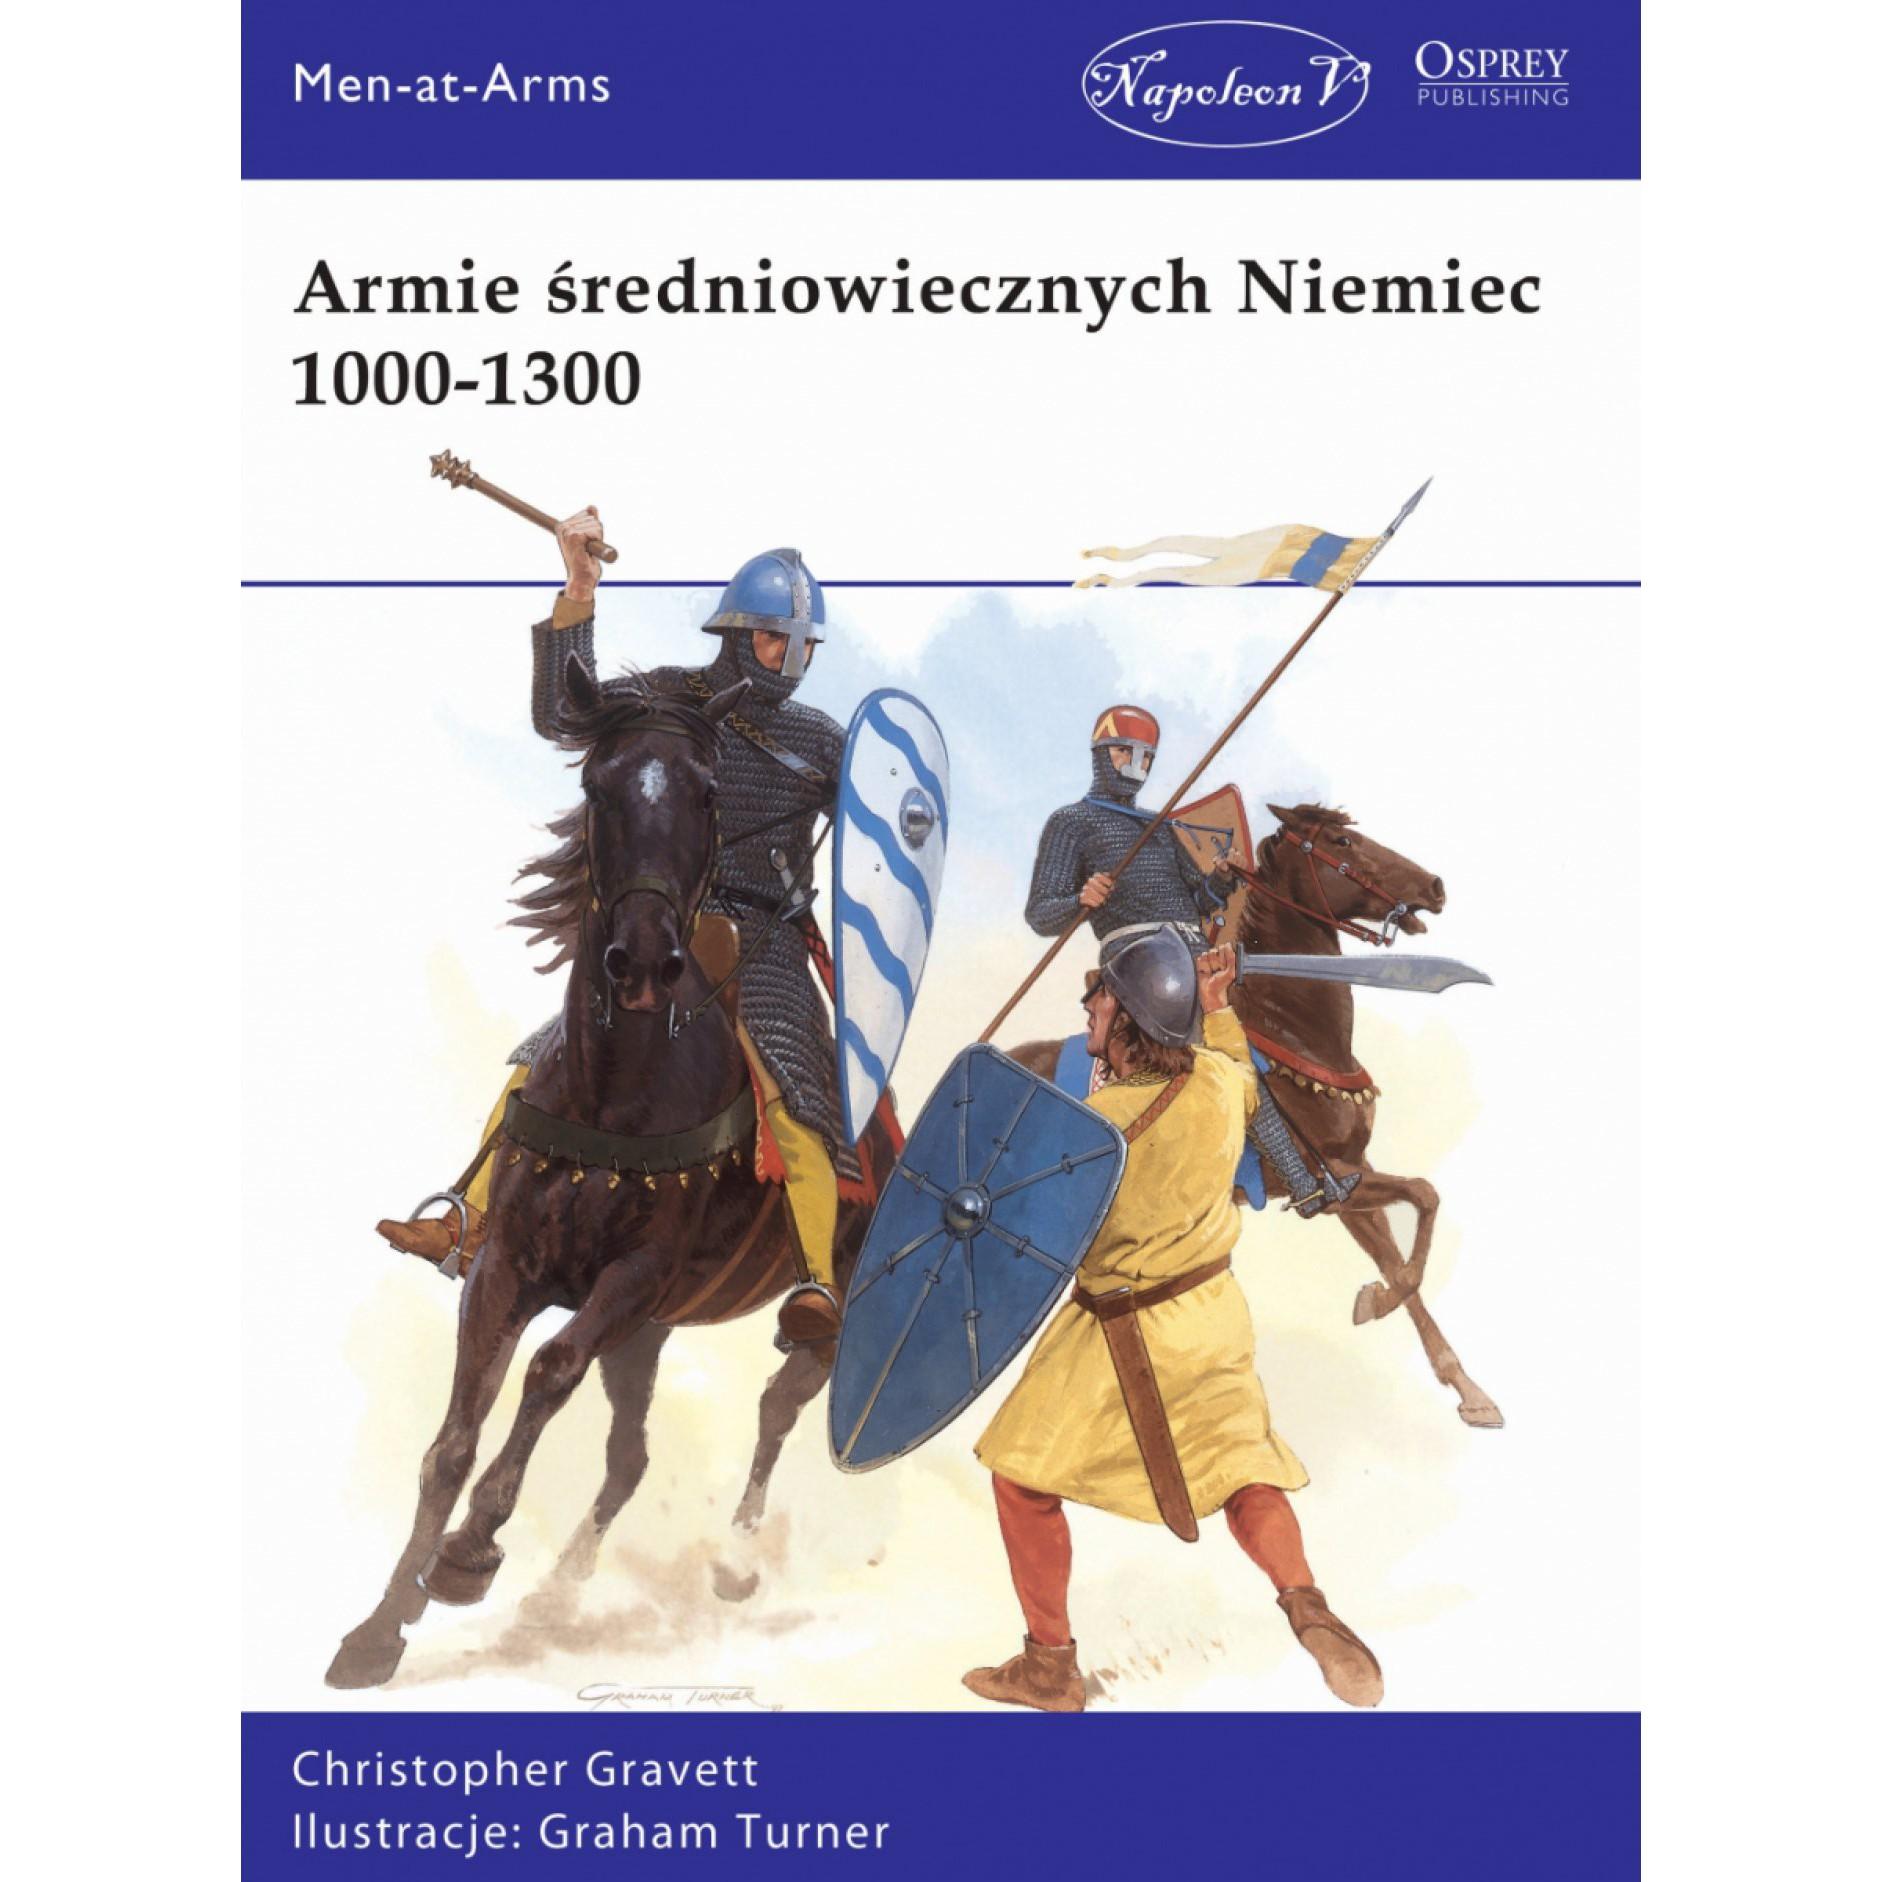 Armie średniowiecznych Niemiec 1000-1300